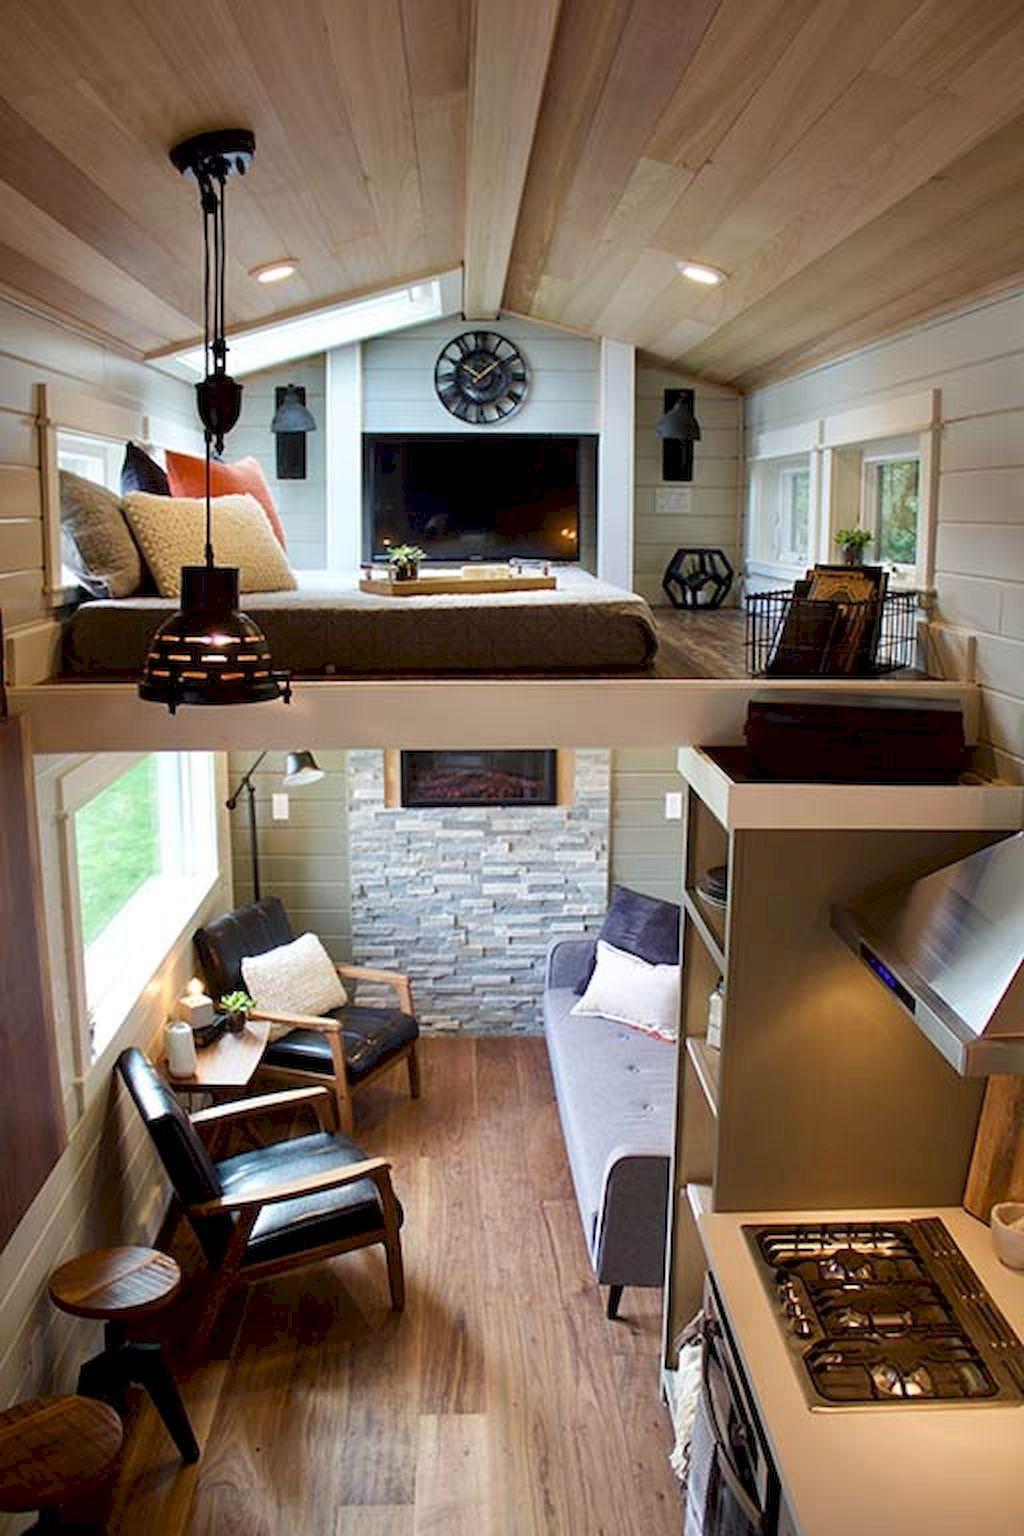 идеи дизайна интерьера миниатюрного дома фото 7